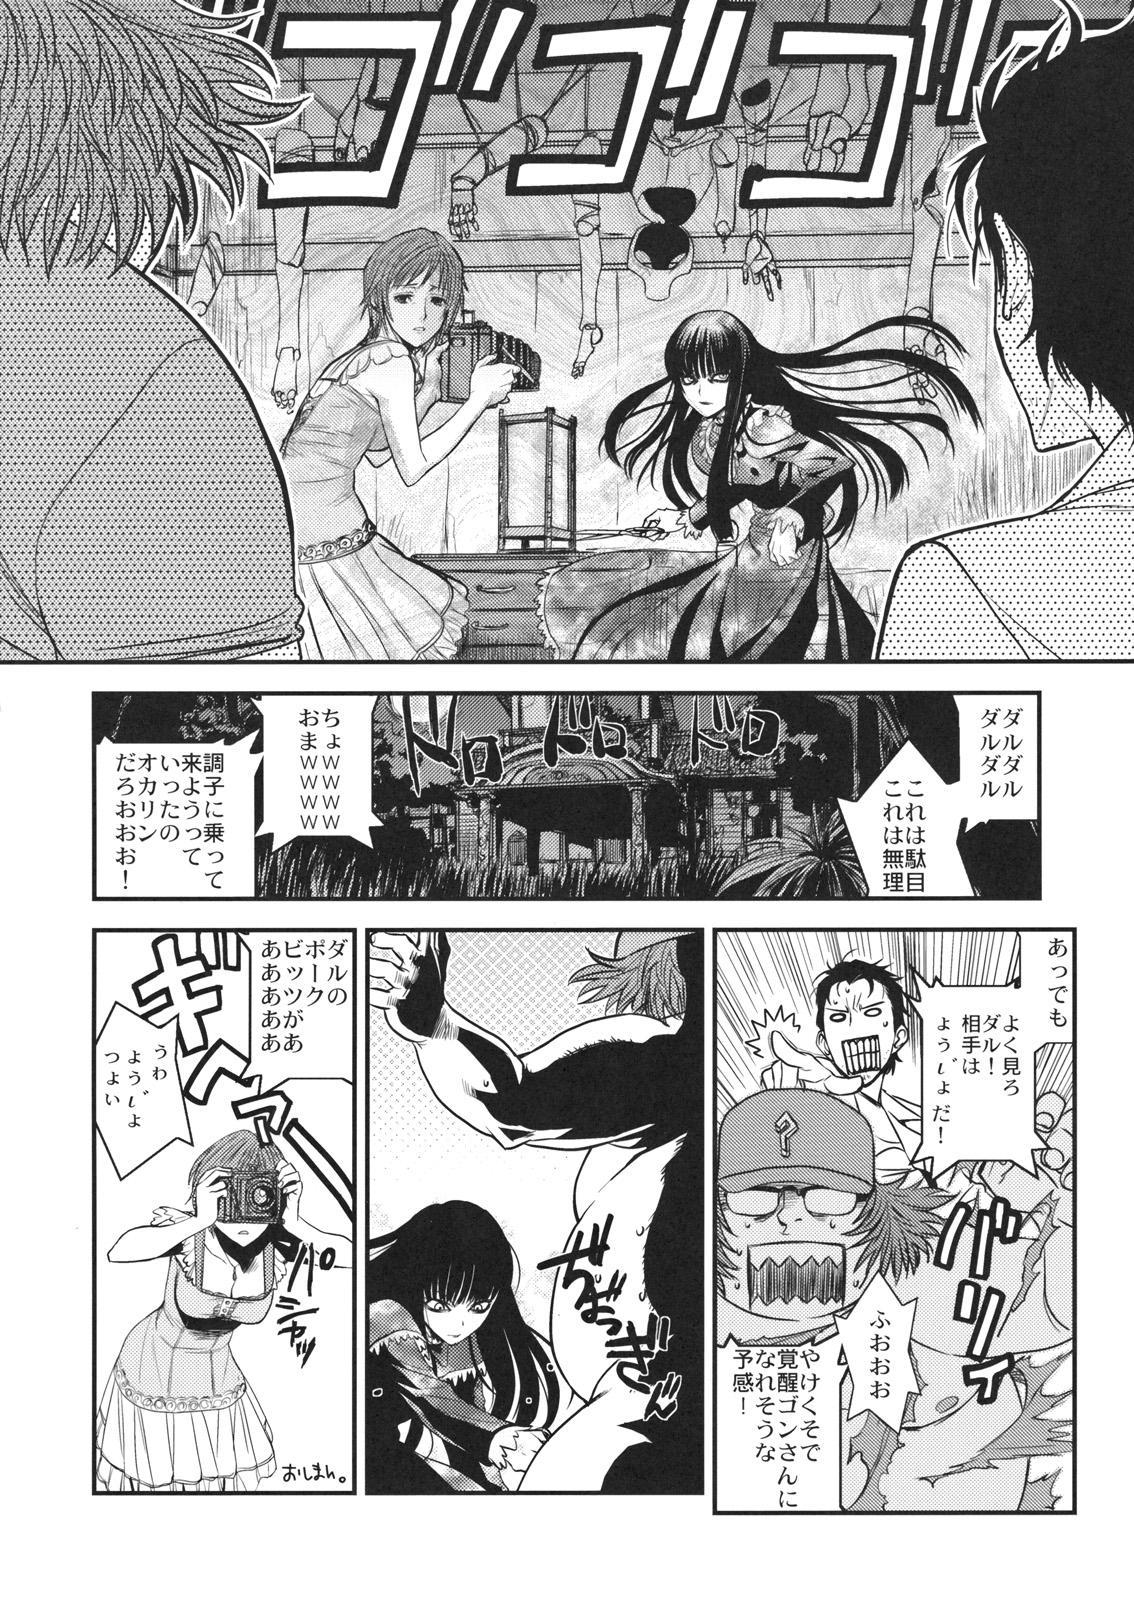 Hontou ni Atta Kowai Hanashi 22